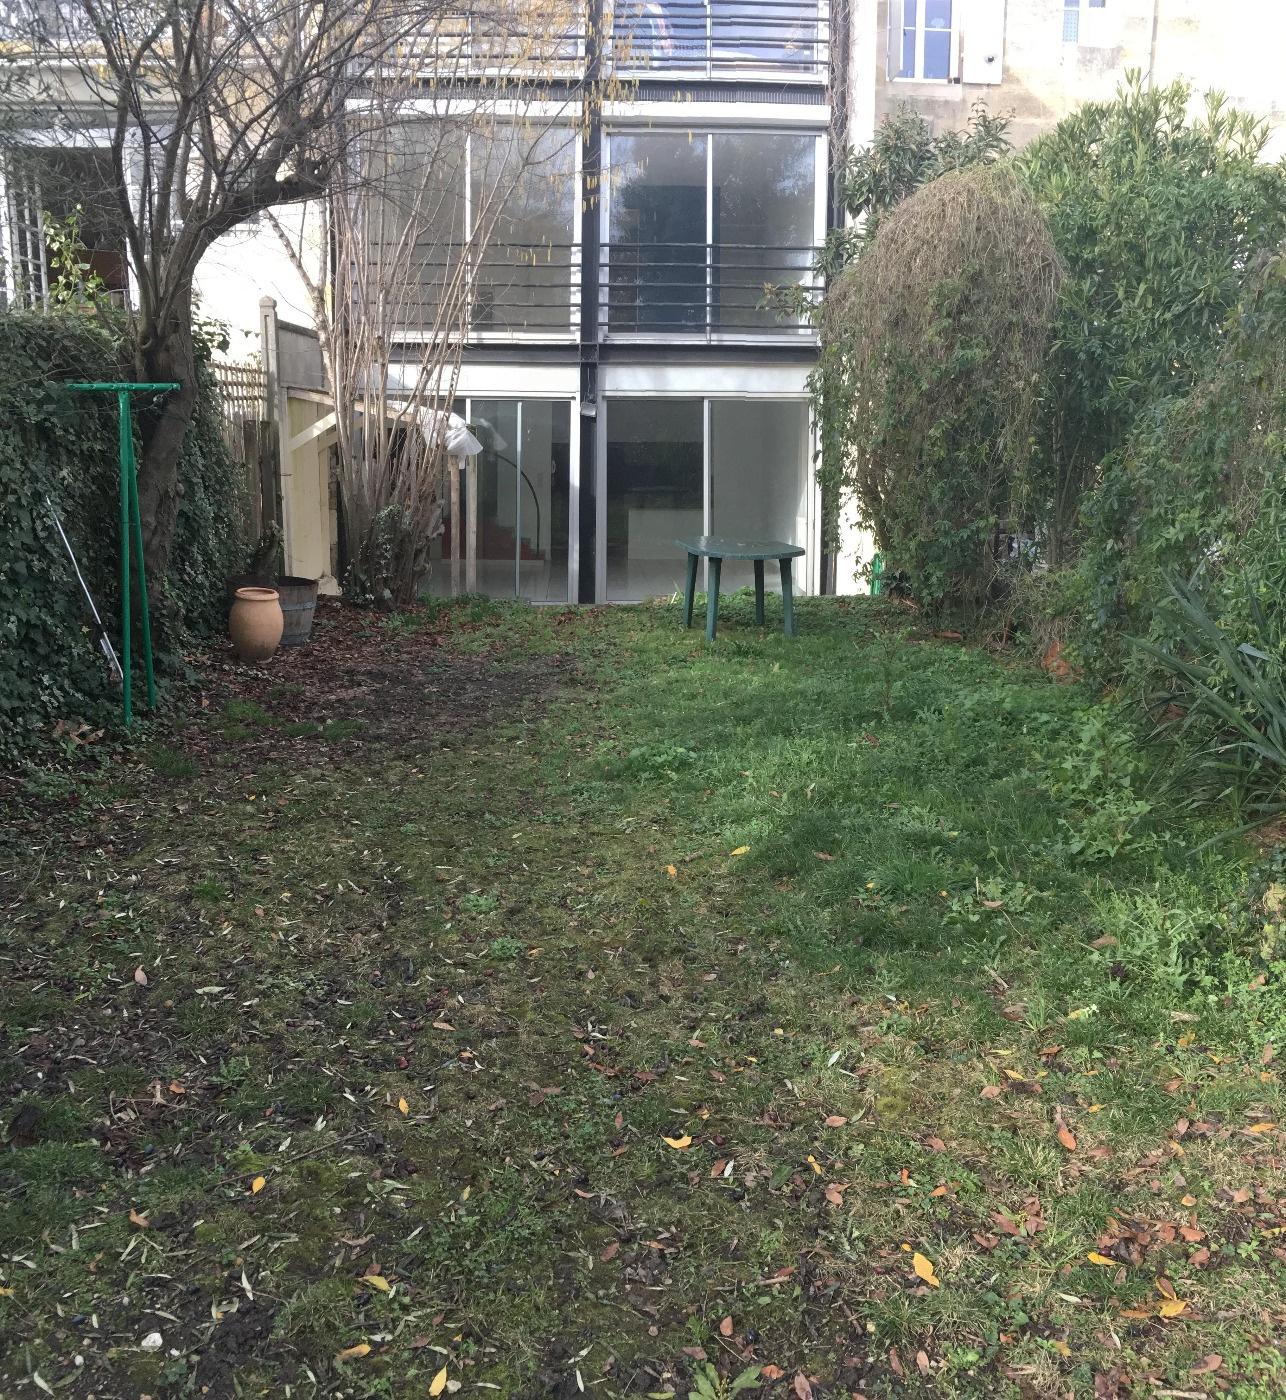 Location a louer t3 avec jardin quartier bastide for Appartement bordeaux bastide a louer